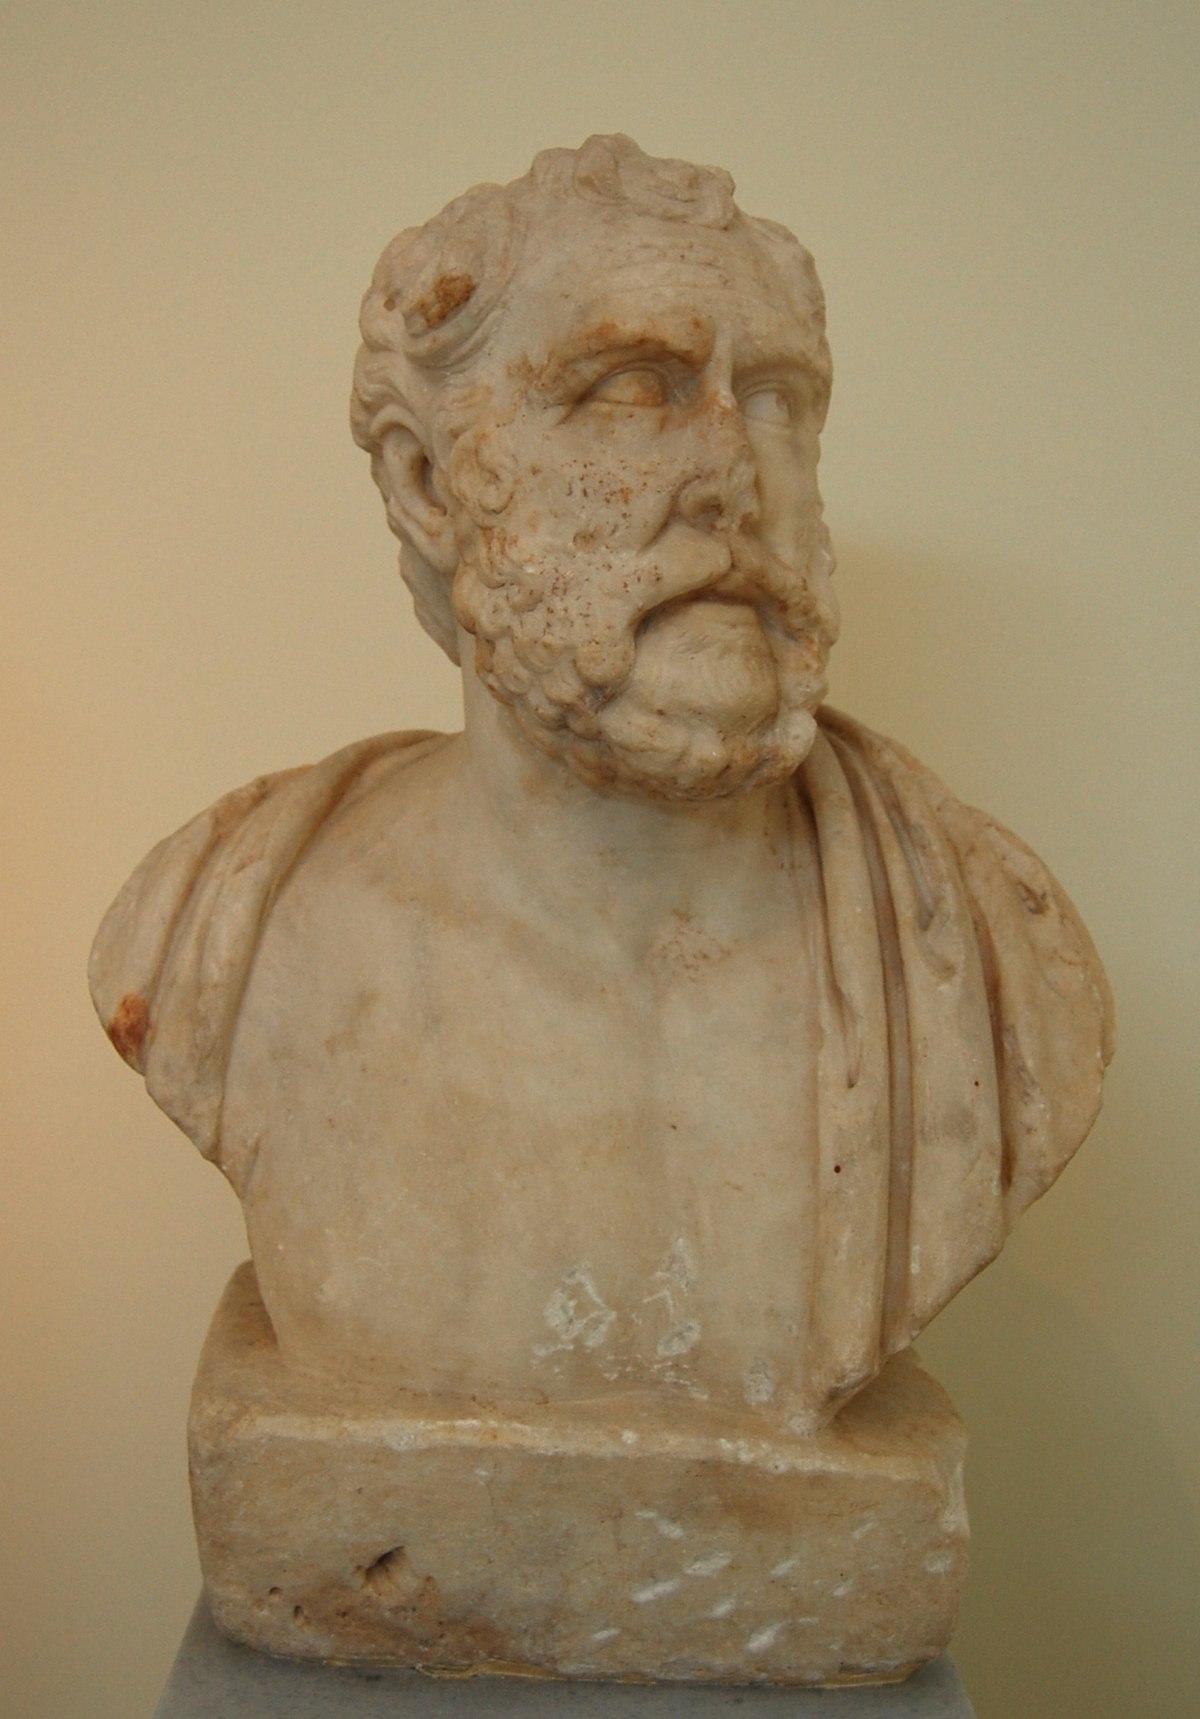 Polemon of Laodicea - Wikipedia